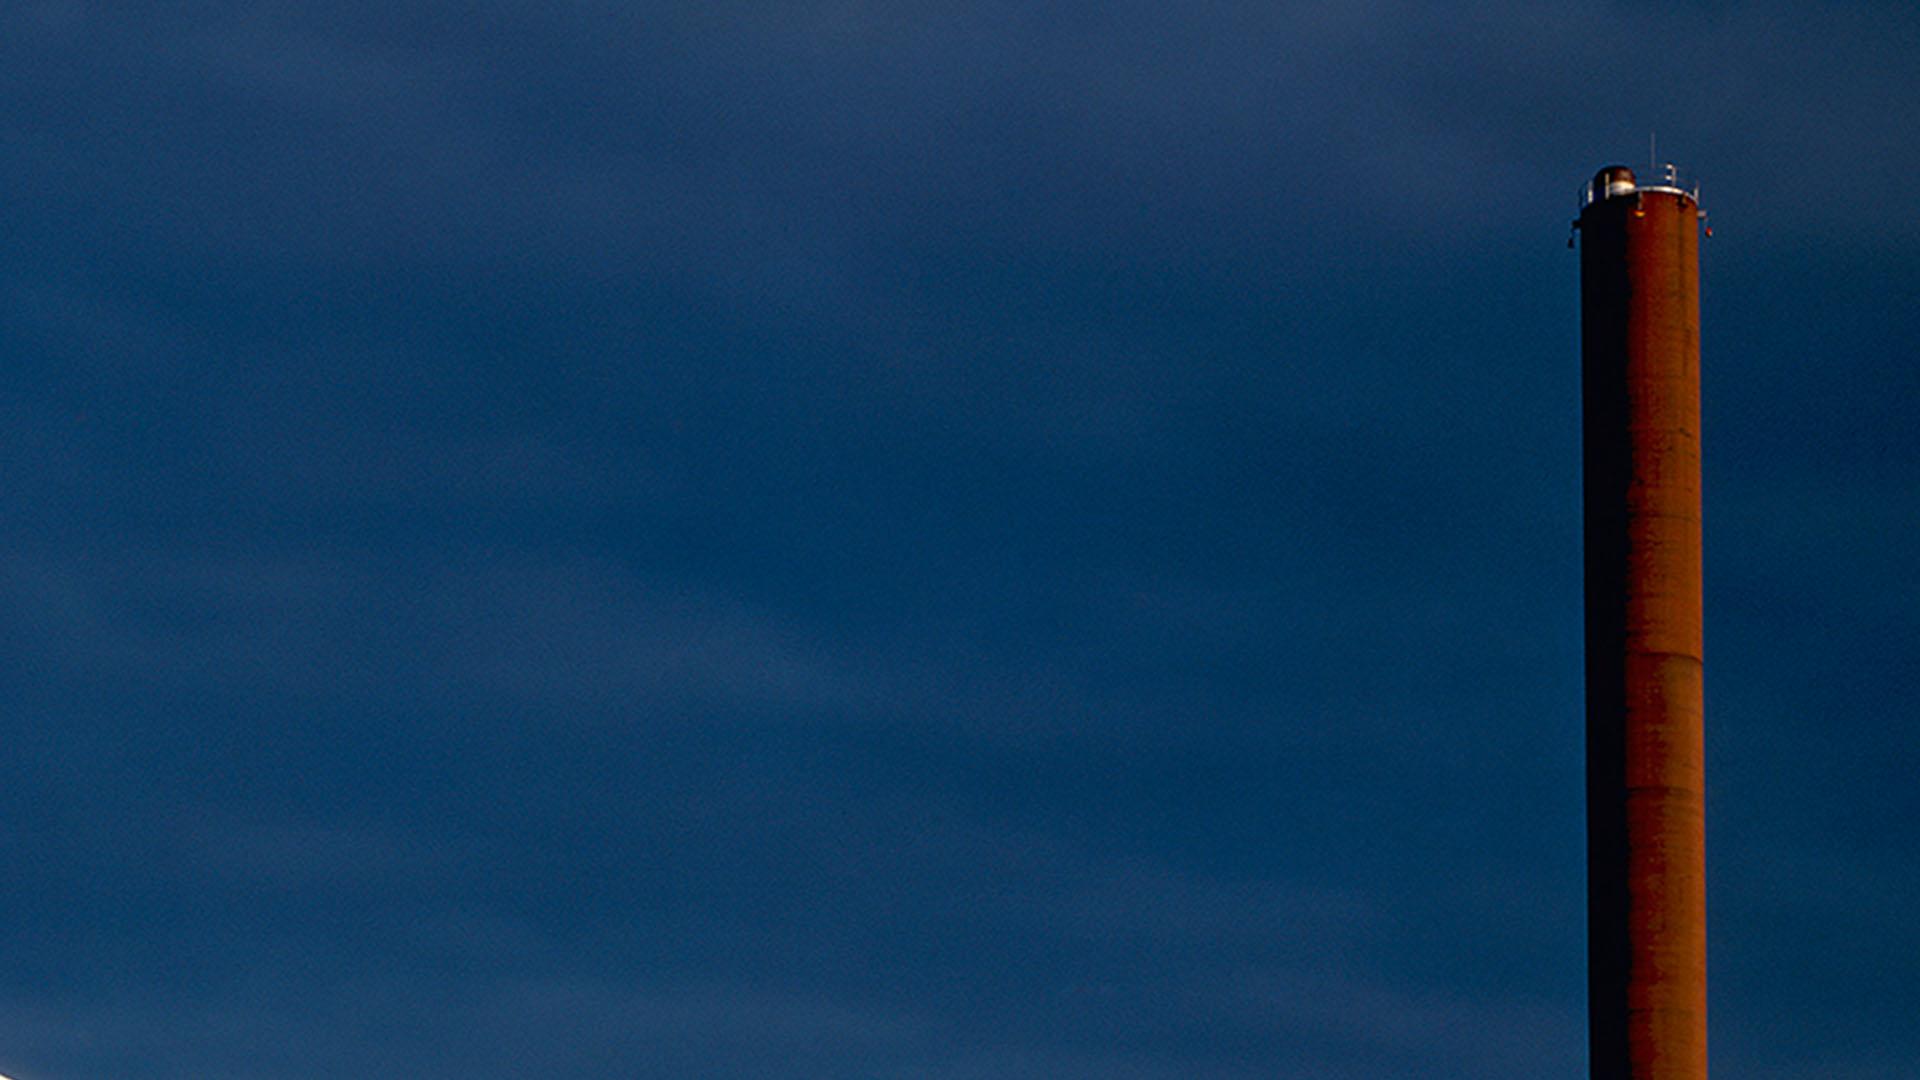 umea-slide-1920×1080-3